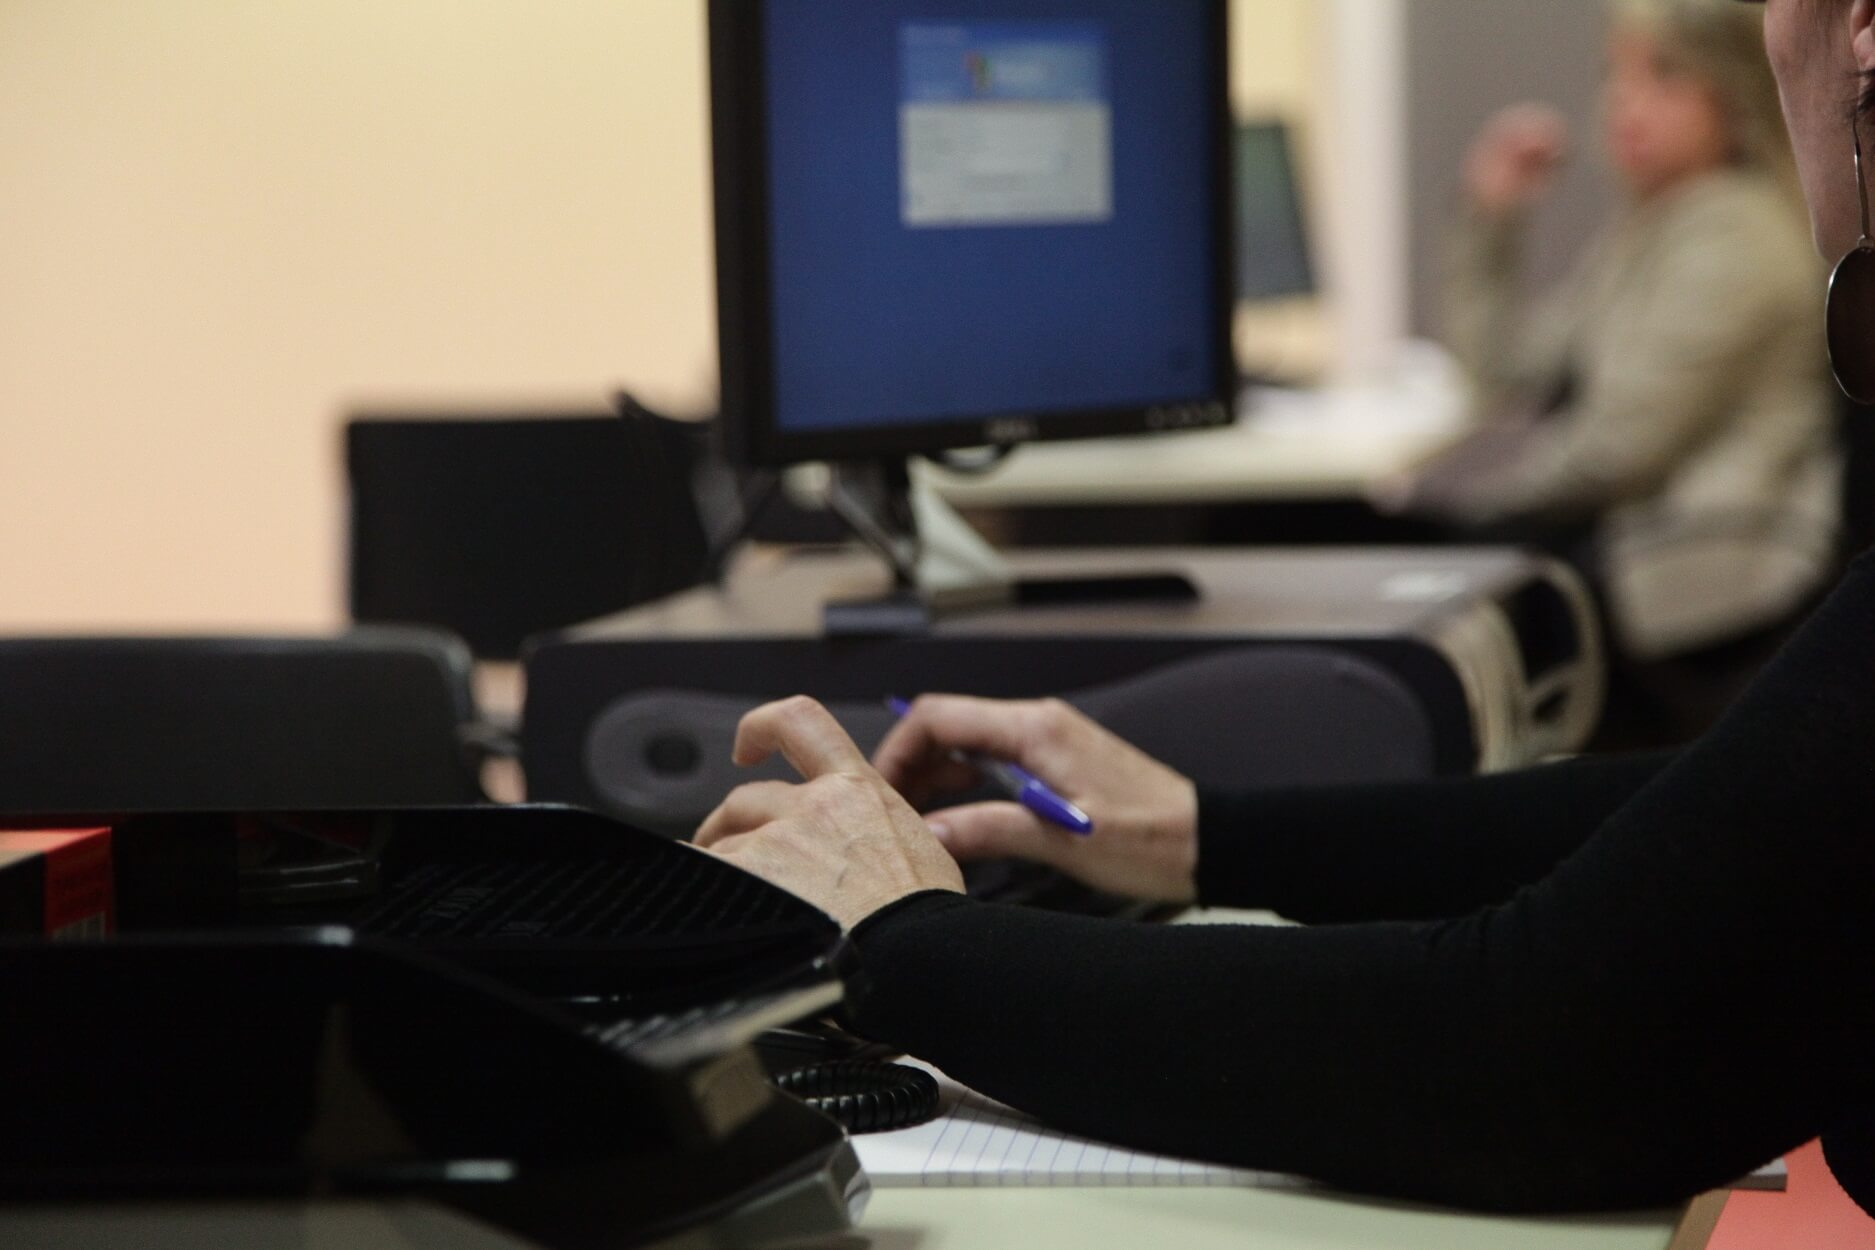 Δημόσιο: Πως θα γίνονται οι προσλήψεις μέσω ΑΣΕΠ – Τι αλλάζει